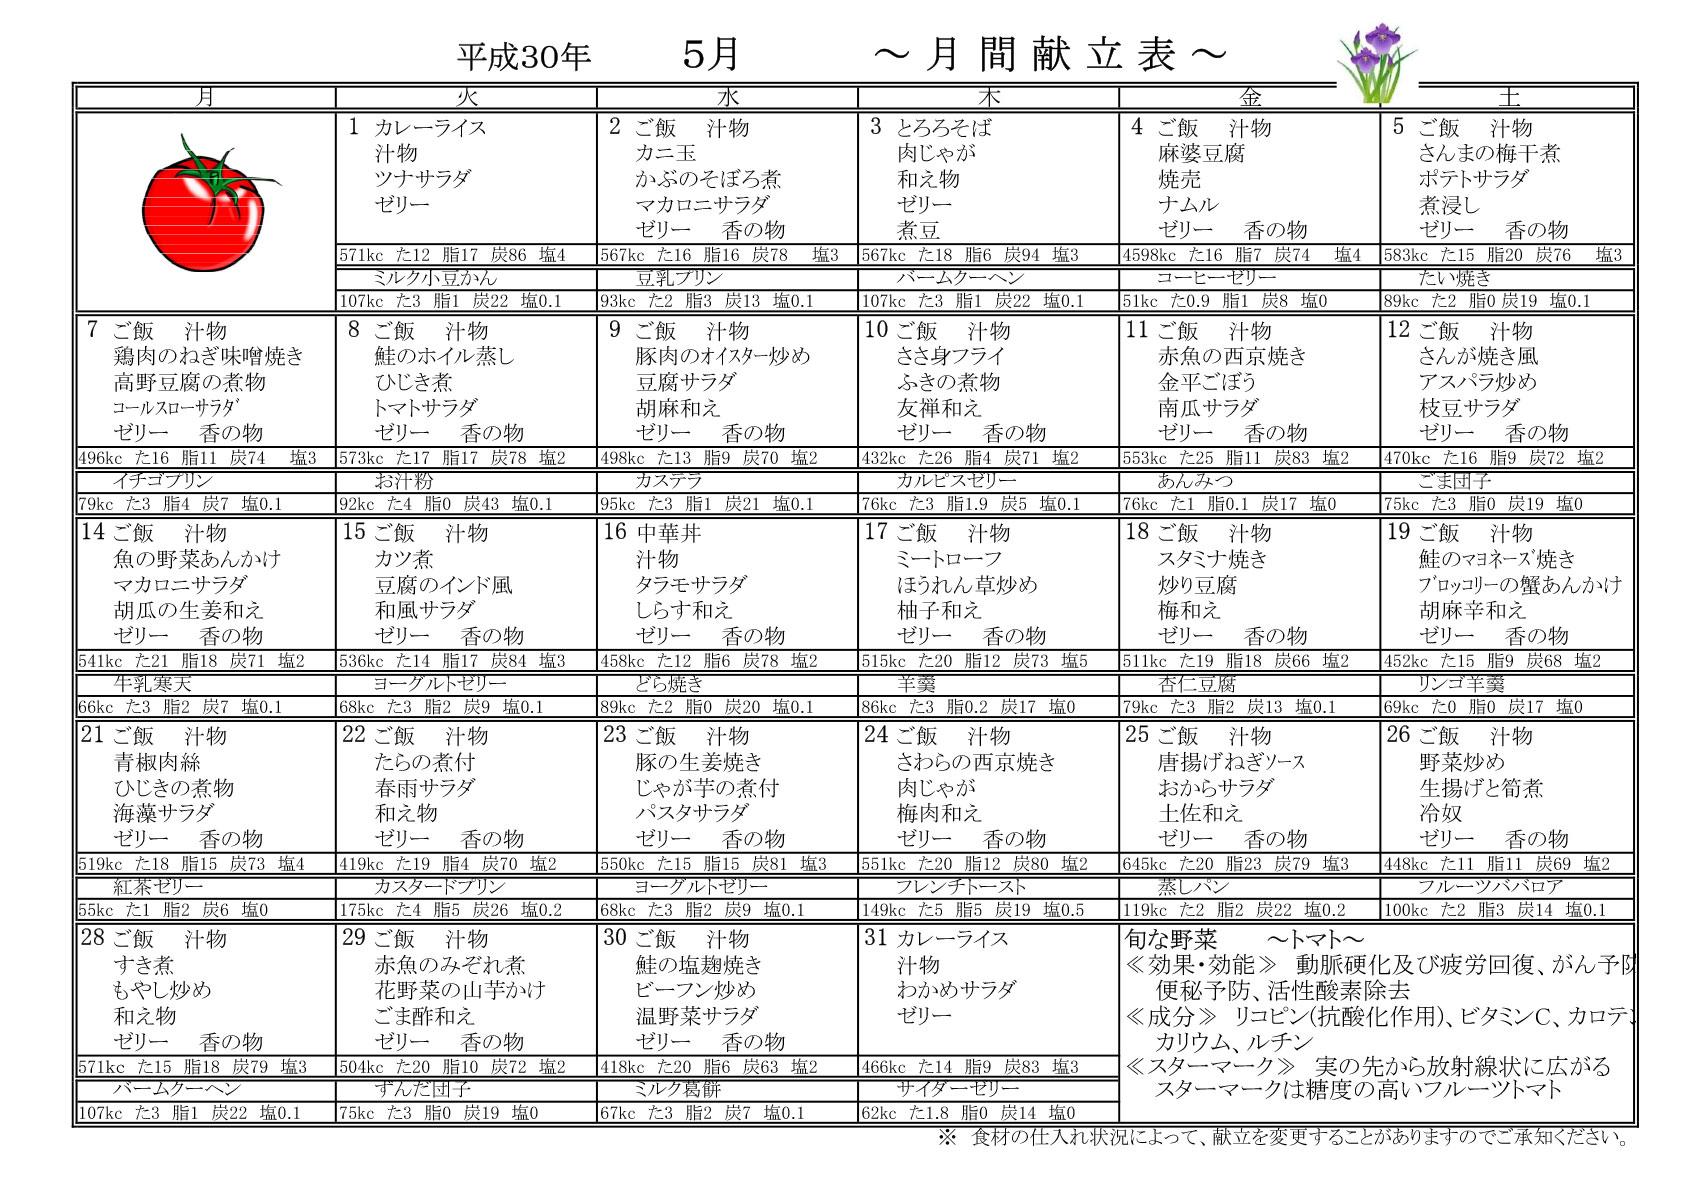 2018年5月献立表